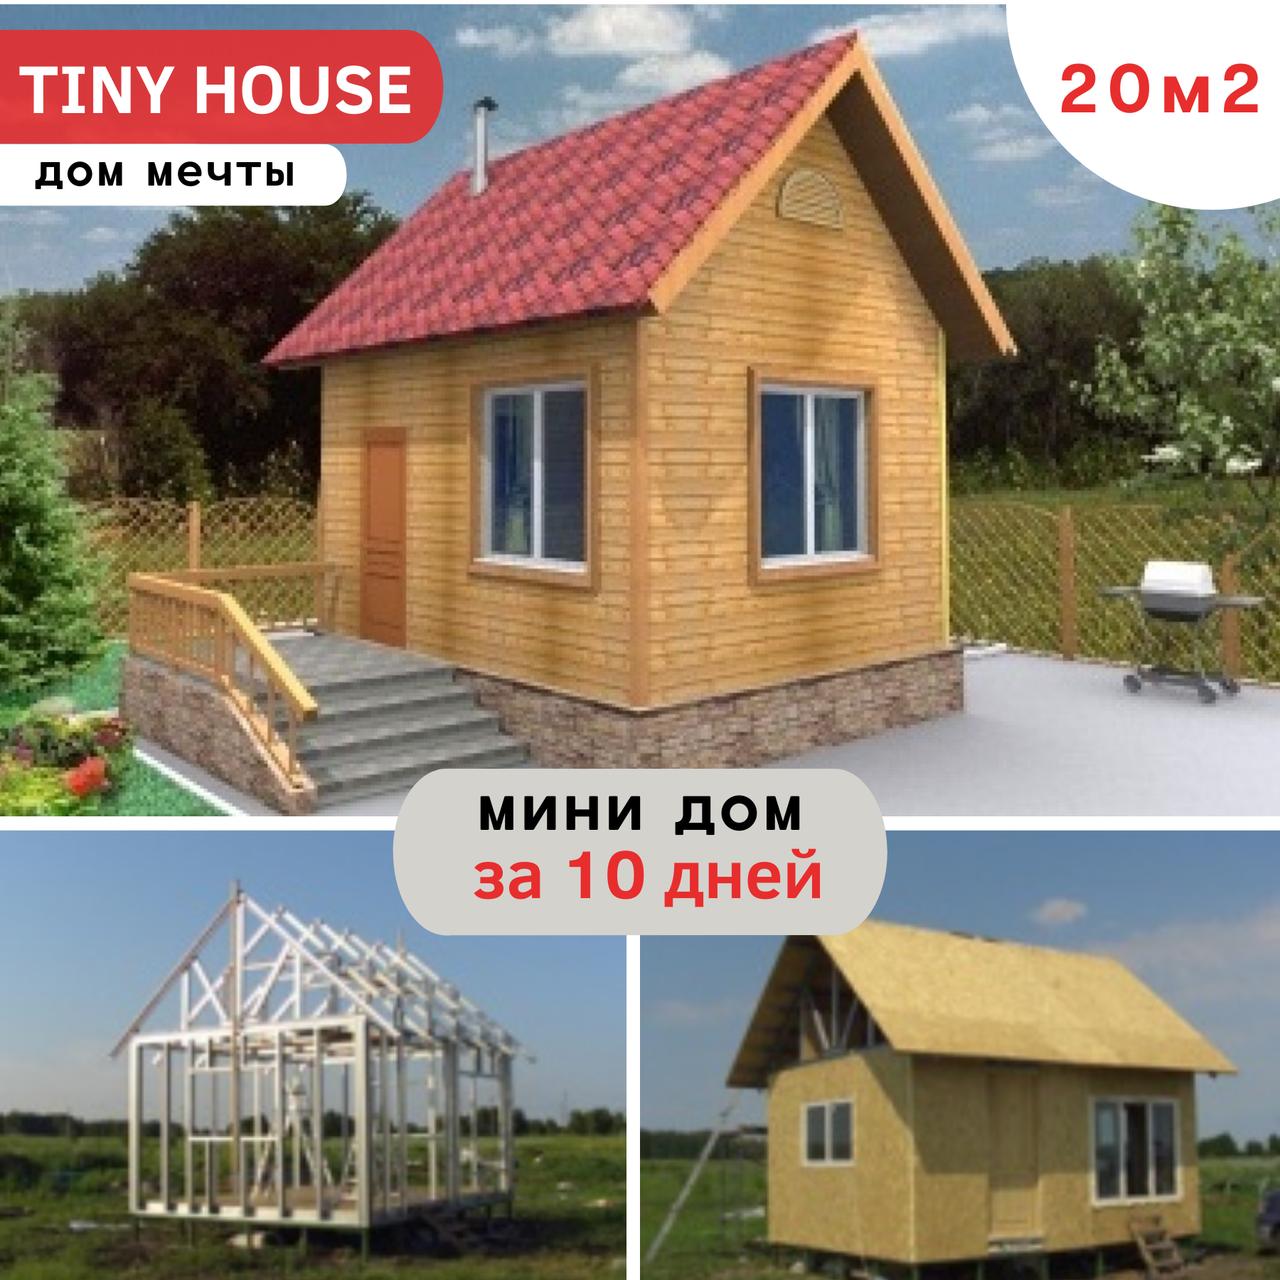 Каркасно модульный 20м2 дом из ЛСТК 5x4м